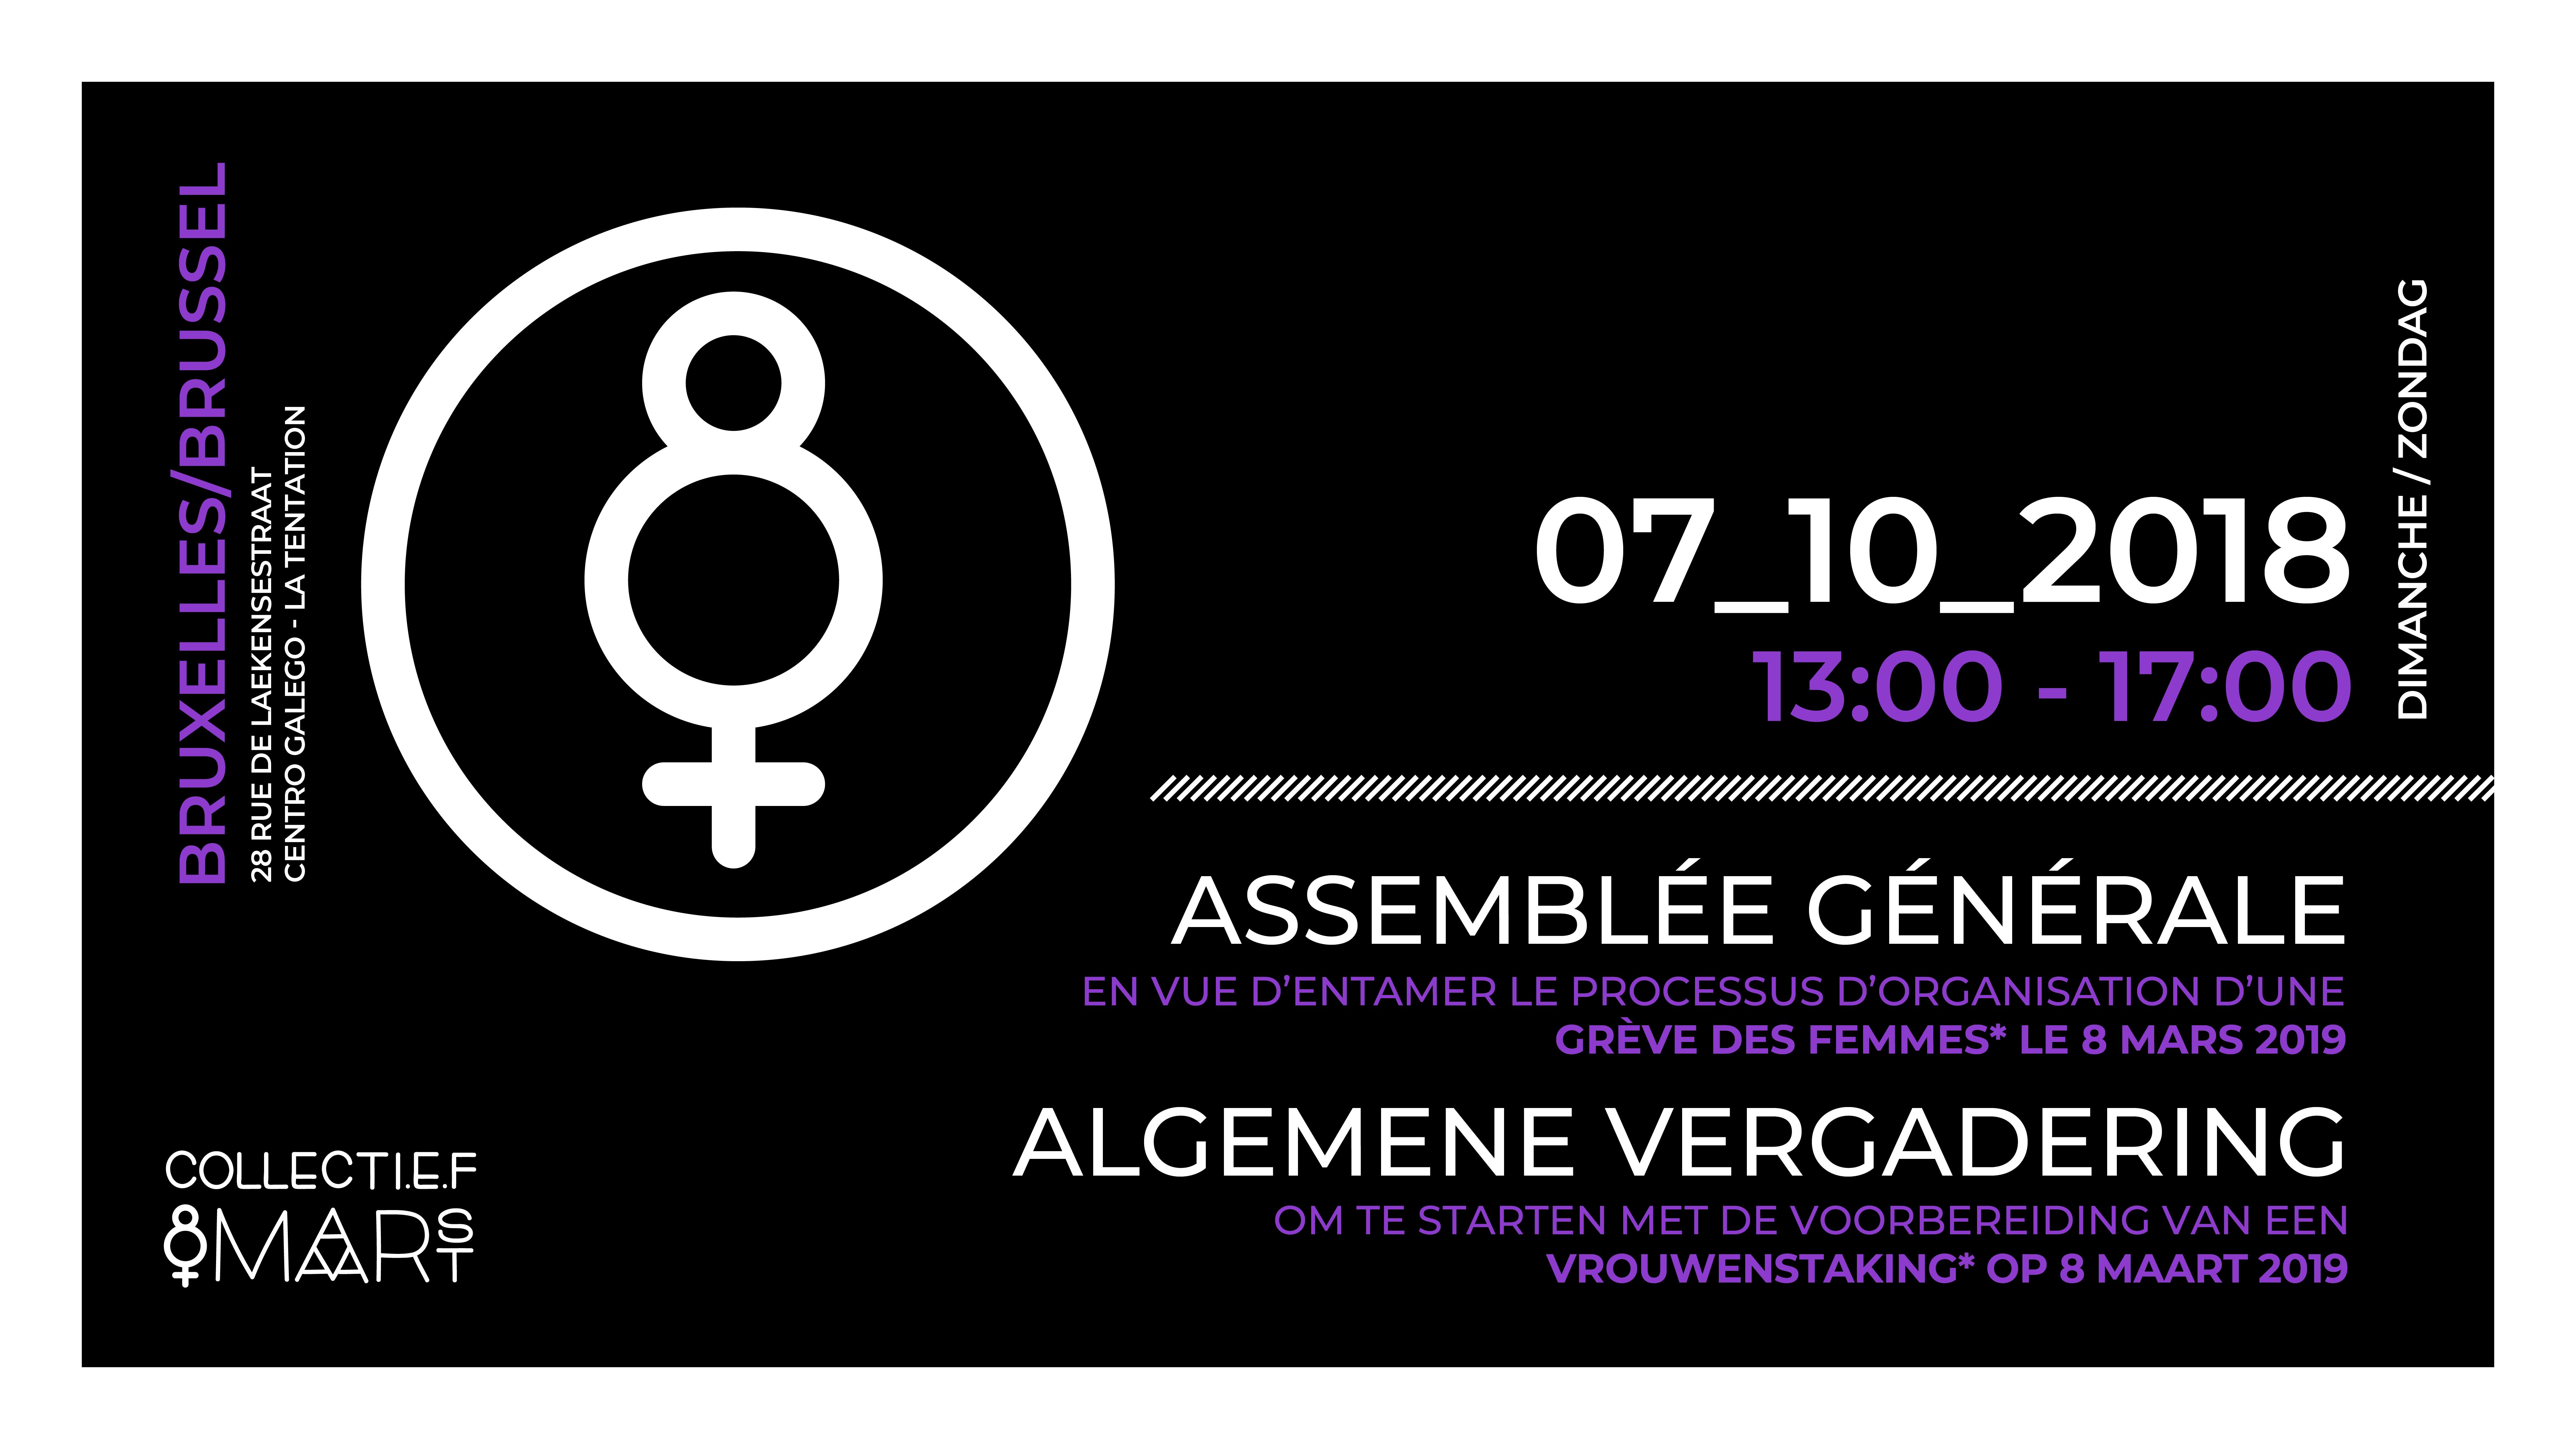 8mars Facebook Event-01